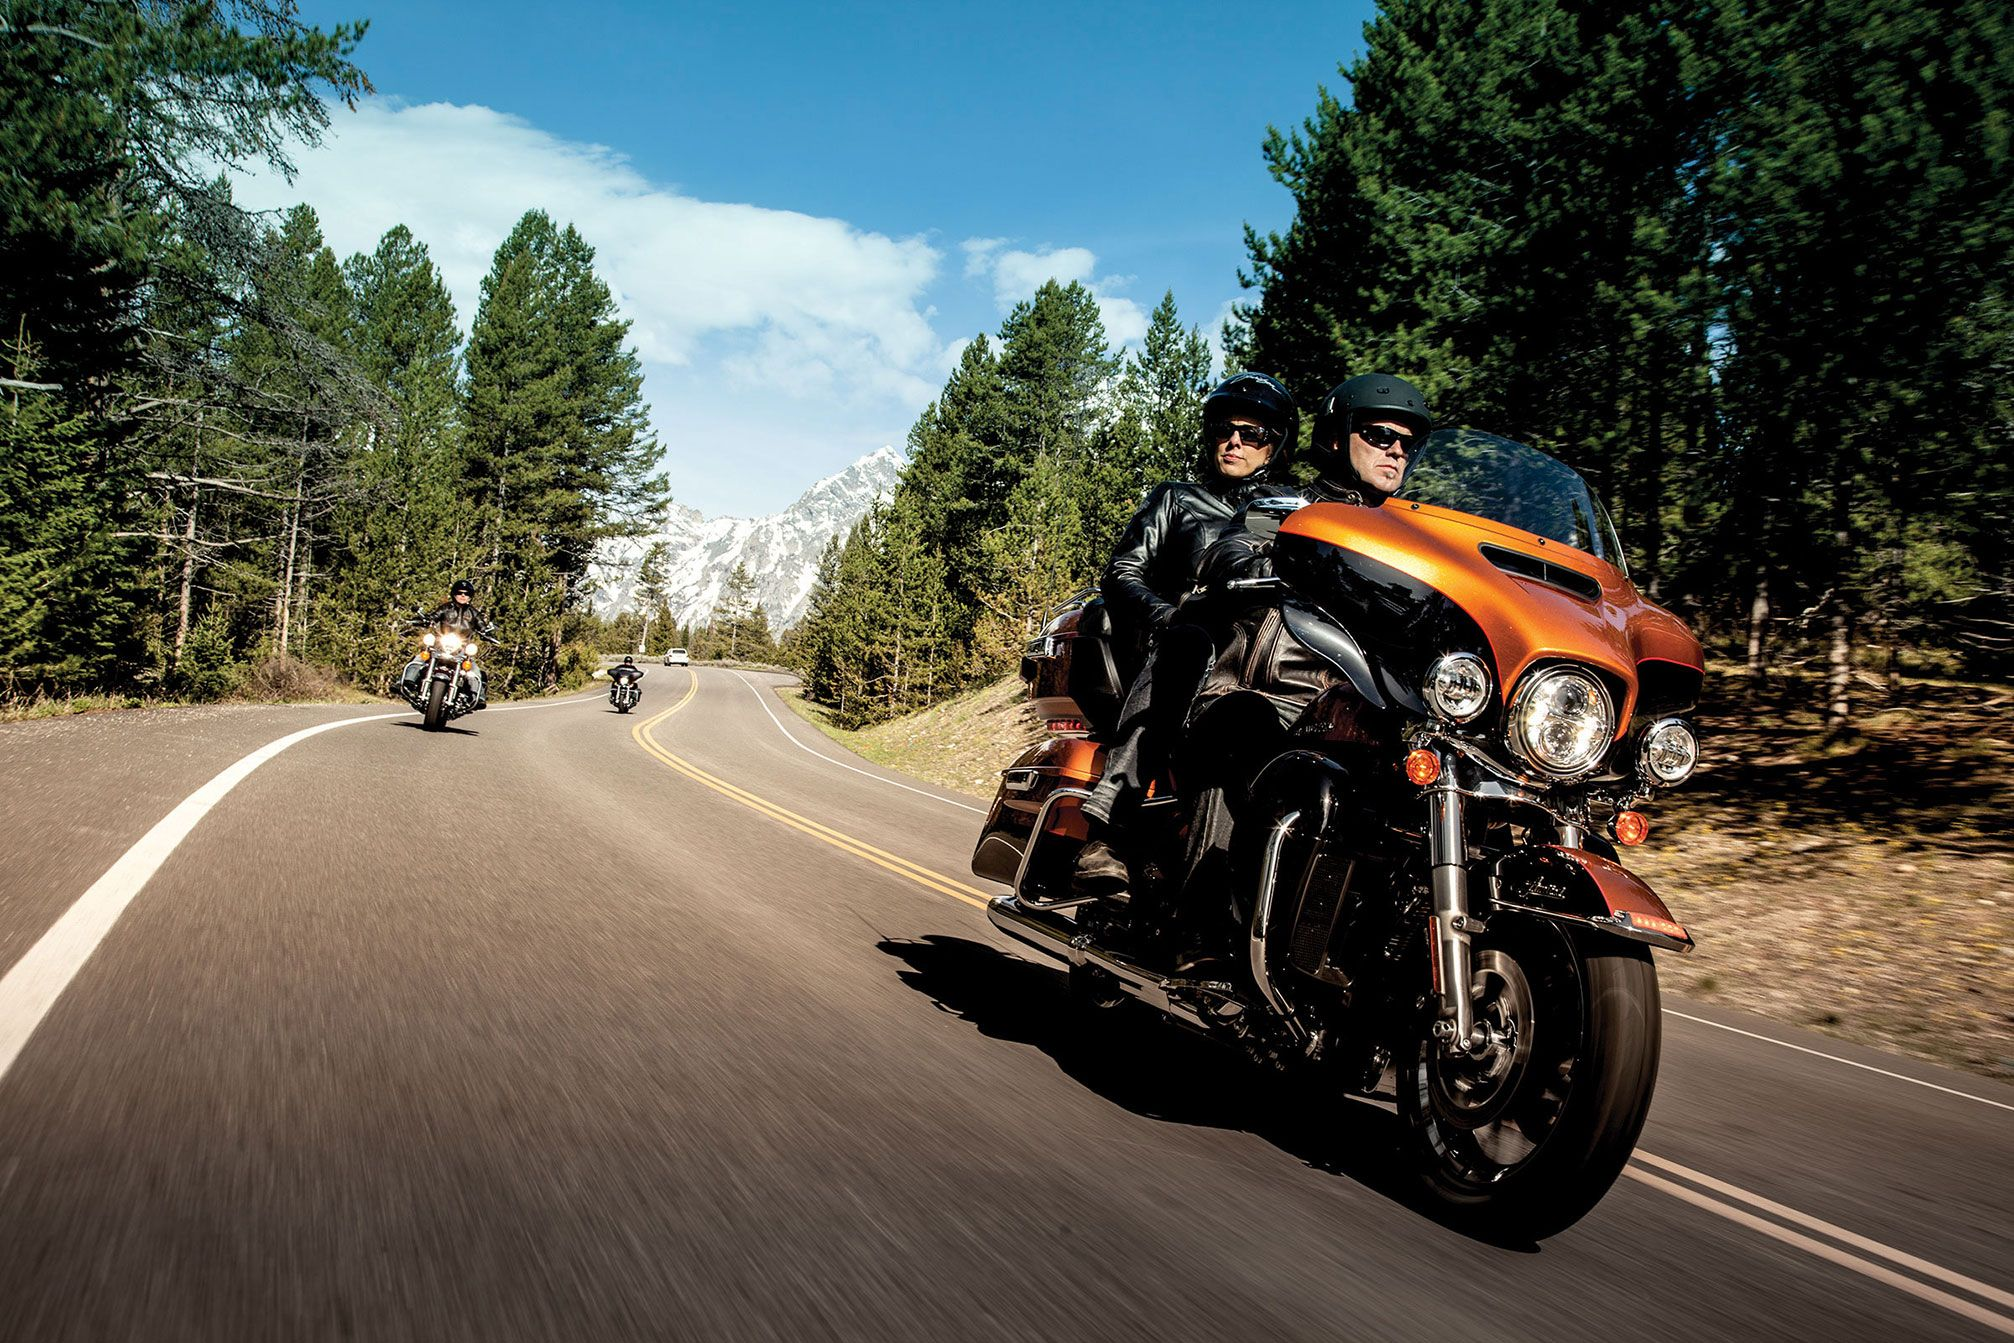 CVO Harley-Davidson Wallpapers - Top Free CVO Harley